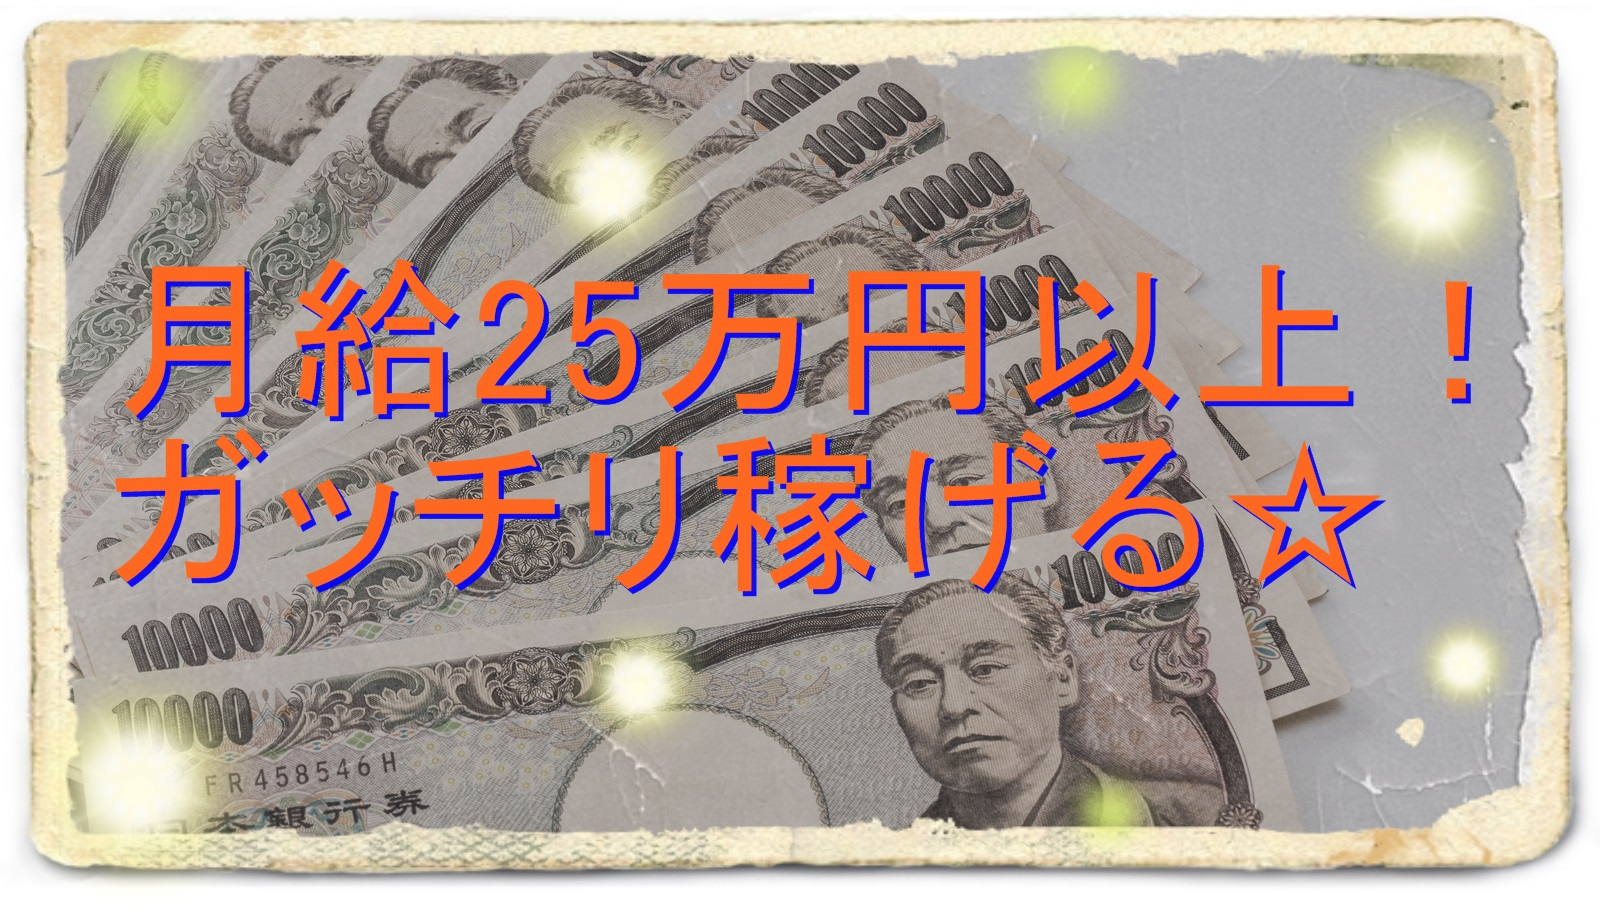 【25万円以上可能】大手部品メーカーでガッチリ稼ぐ! イメージ